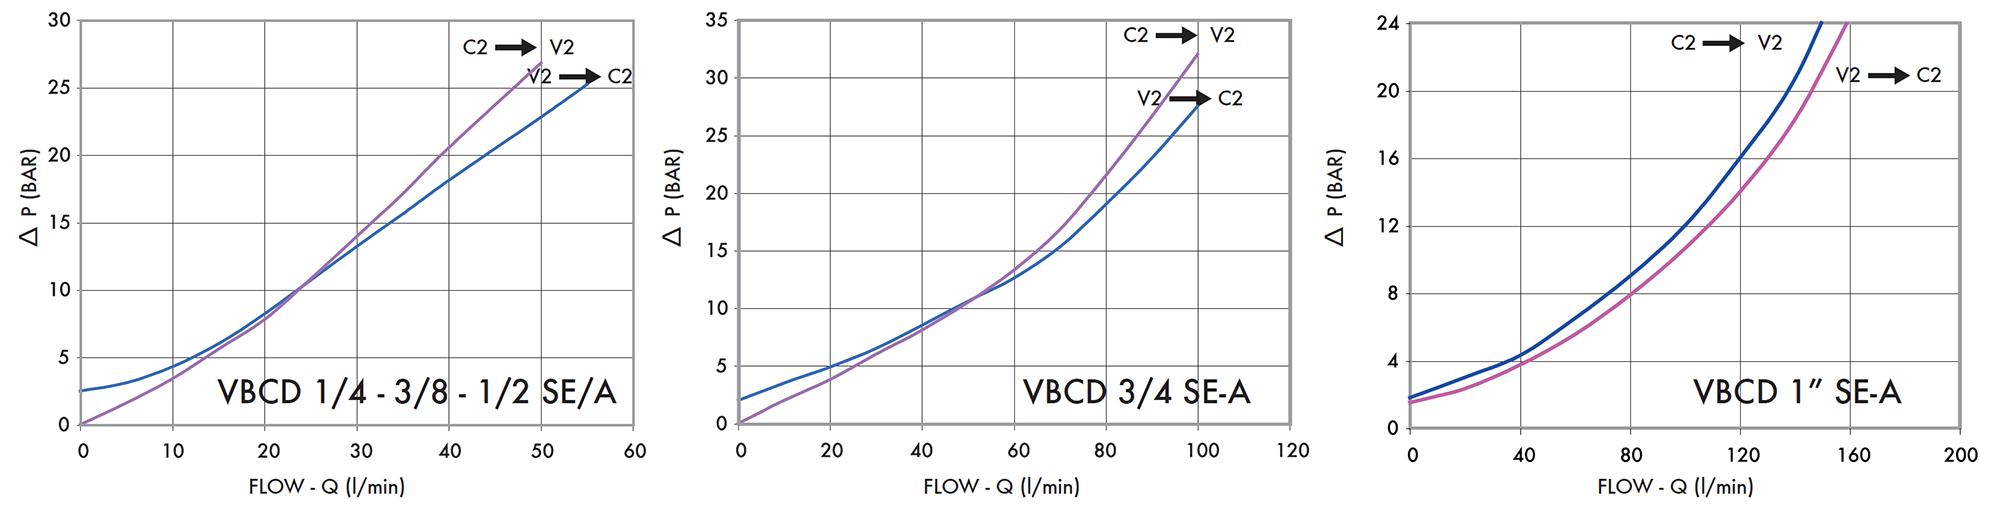 Перепад давления в зависимости от потока на клапанах VBCD SE A